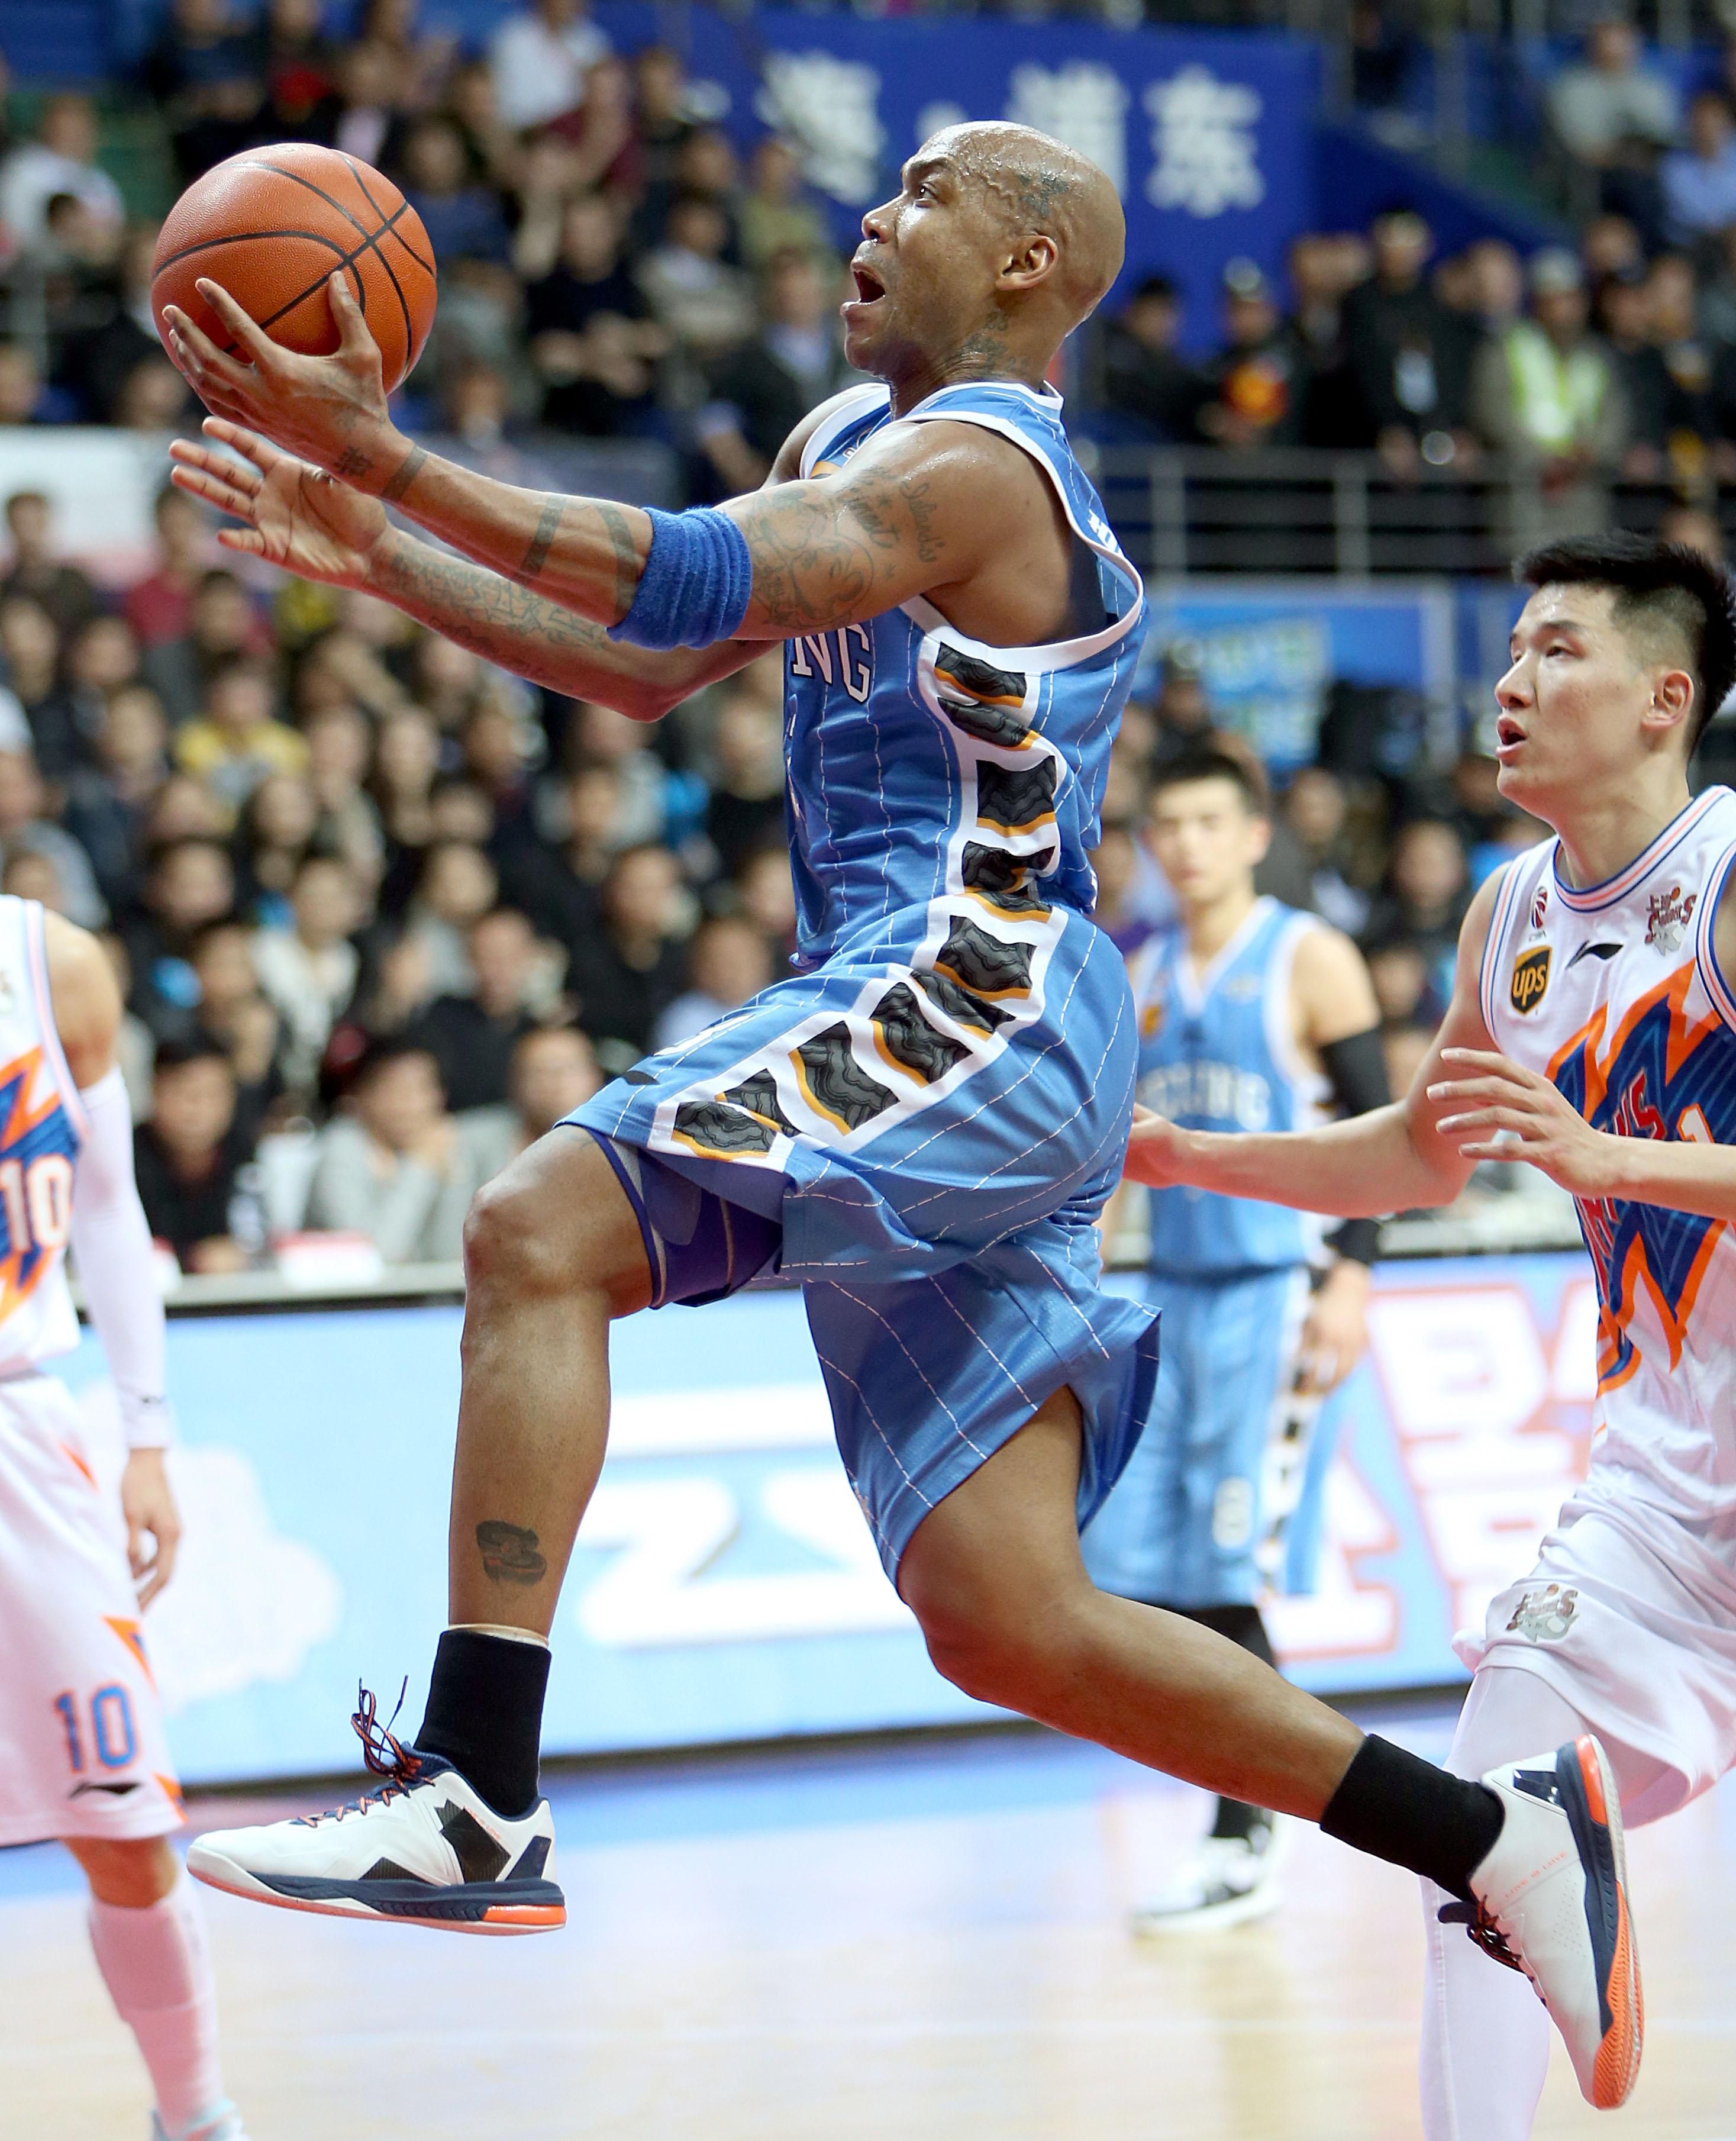 图为2月15日,北京首钢队球员马布里(中)在对阵上海队的比赛中突破上篮。新华社记者凡军摄